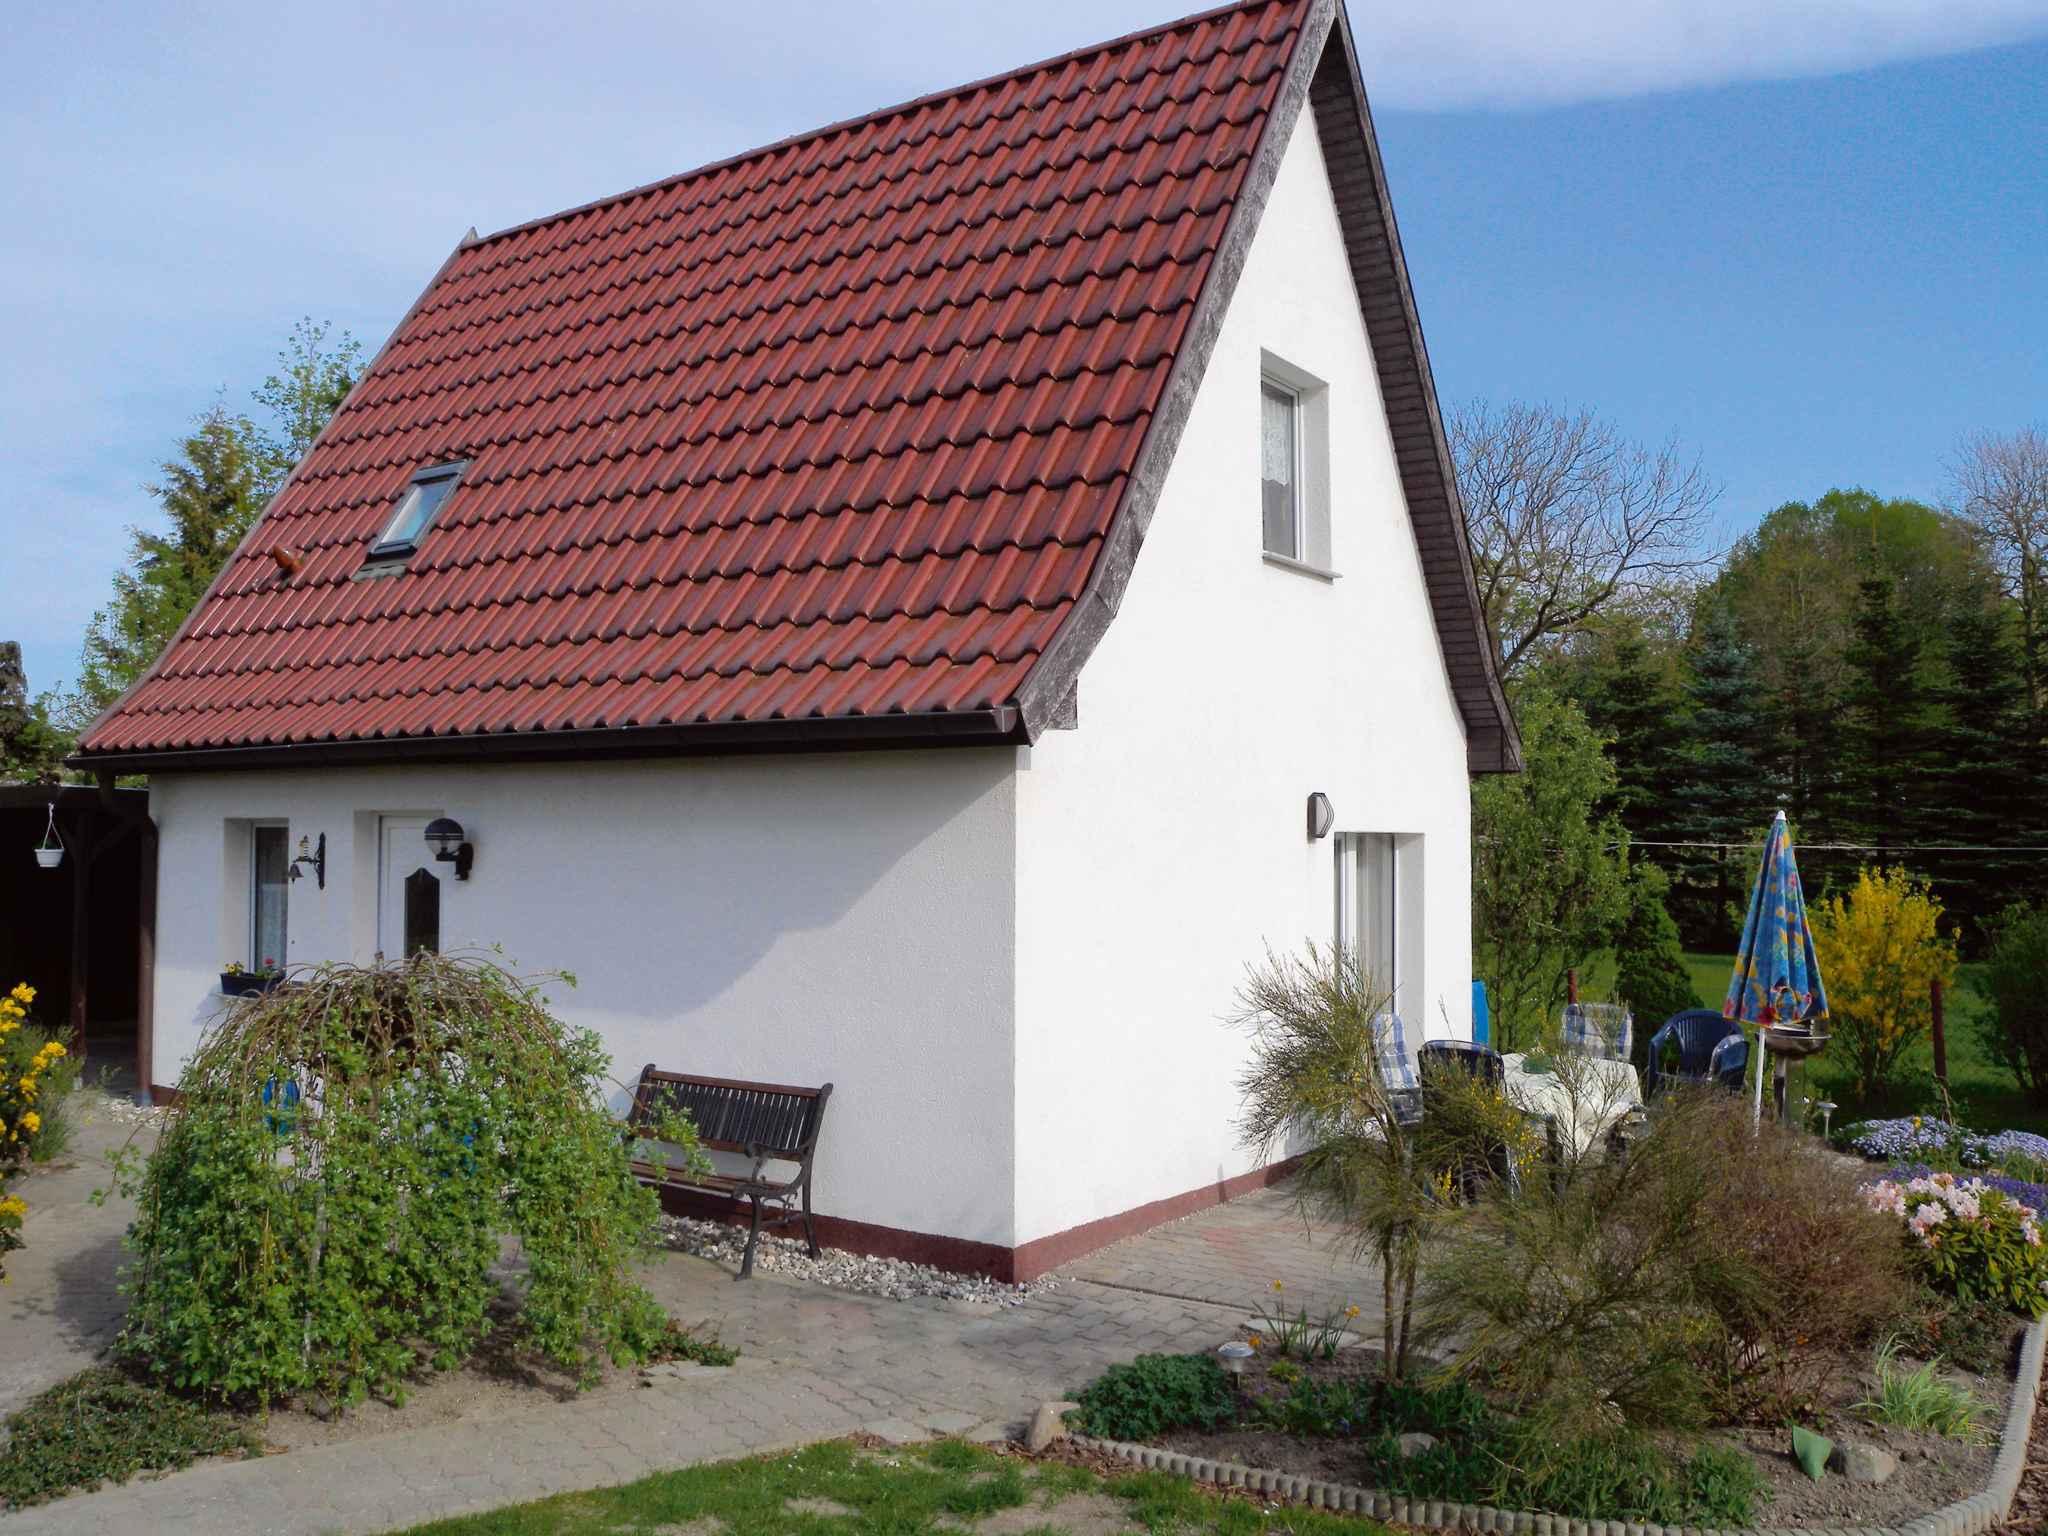 Ferienhaus mit Terrasse und Gartengrundstück (345205), Klein Kedingshagen, Stralsund, Mecklenburg-Vorpommern, Deutschland, Bild 2